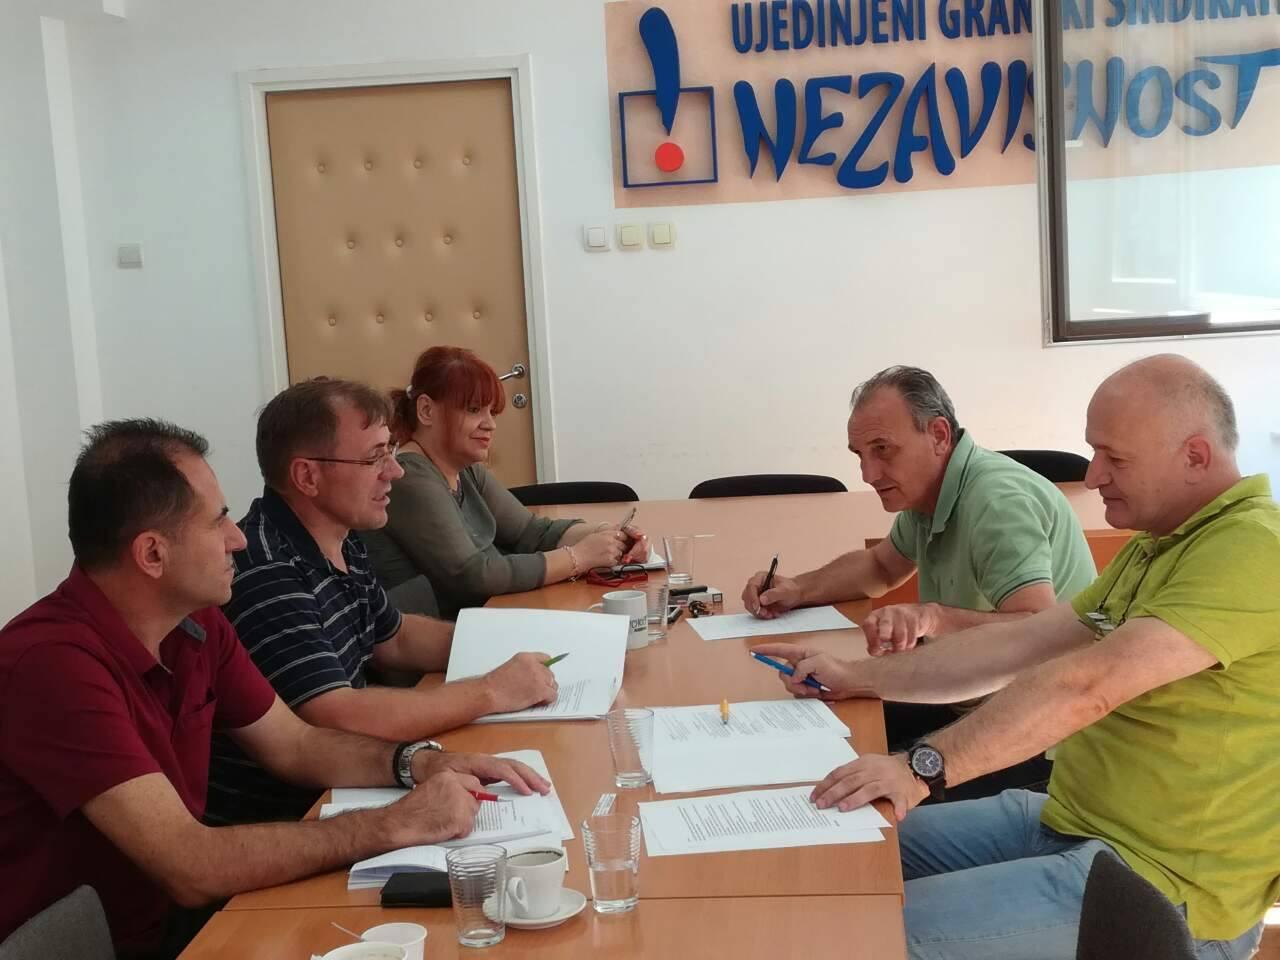 Održan pripremni sastanak radne grupe UGS NEZAVISNOST za pregovore o Zakonu o zaposlenima u javnim službama